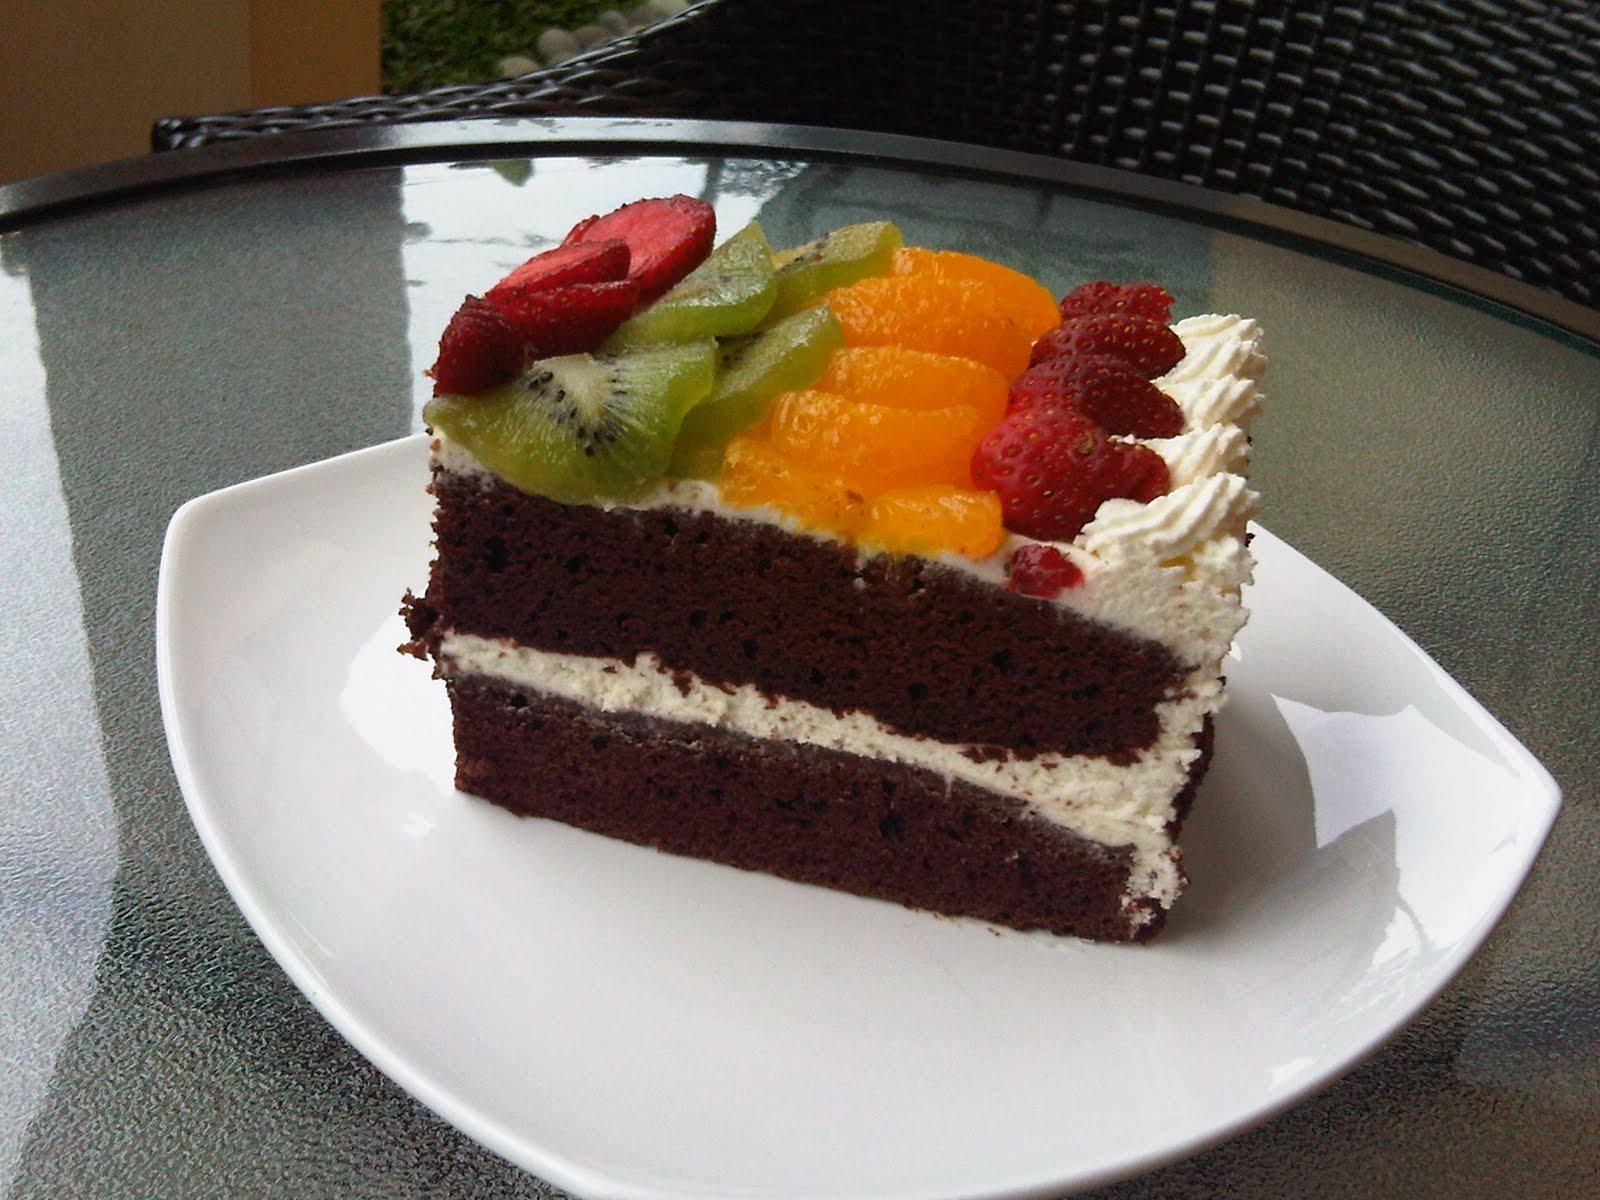 Resep Red Velvet Cake Joy Of Baking